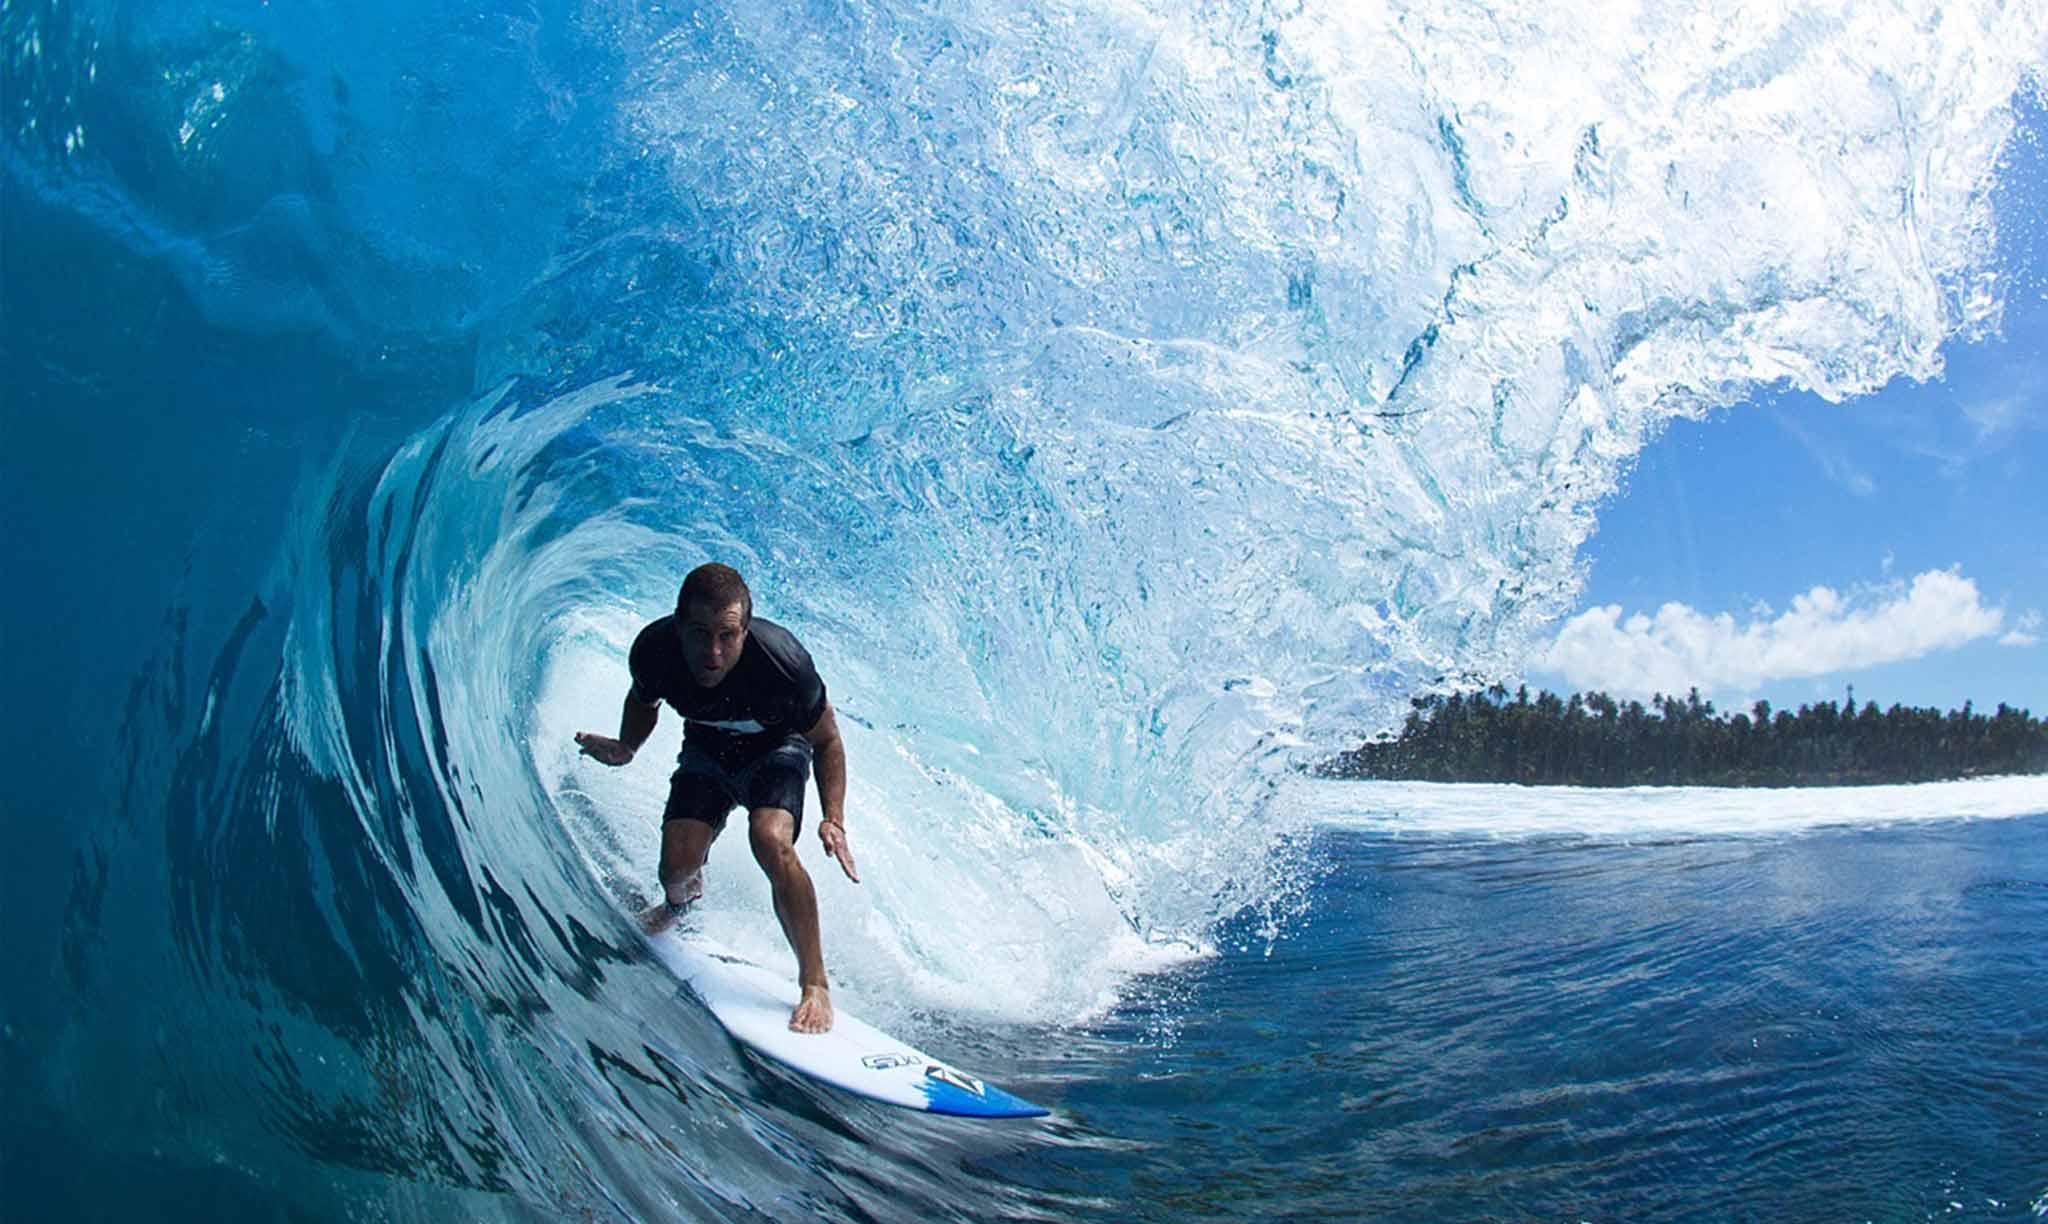 Mahi Mahi Waves 32